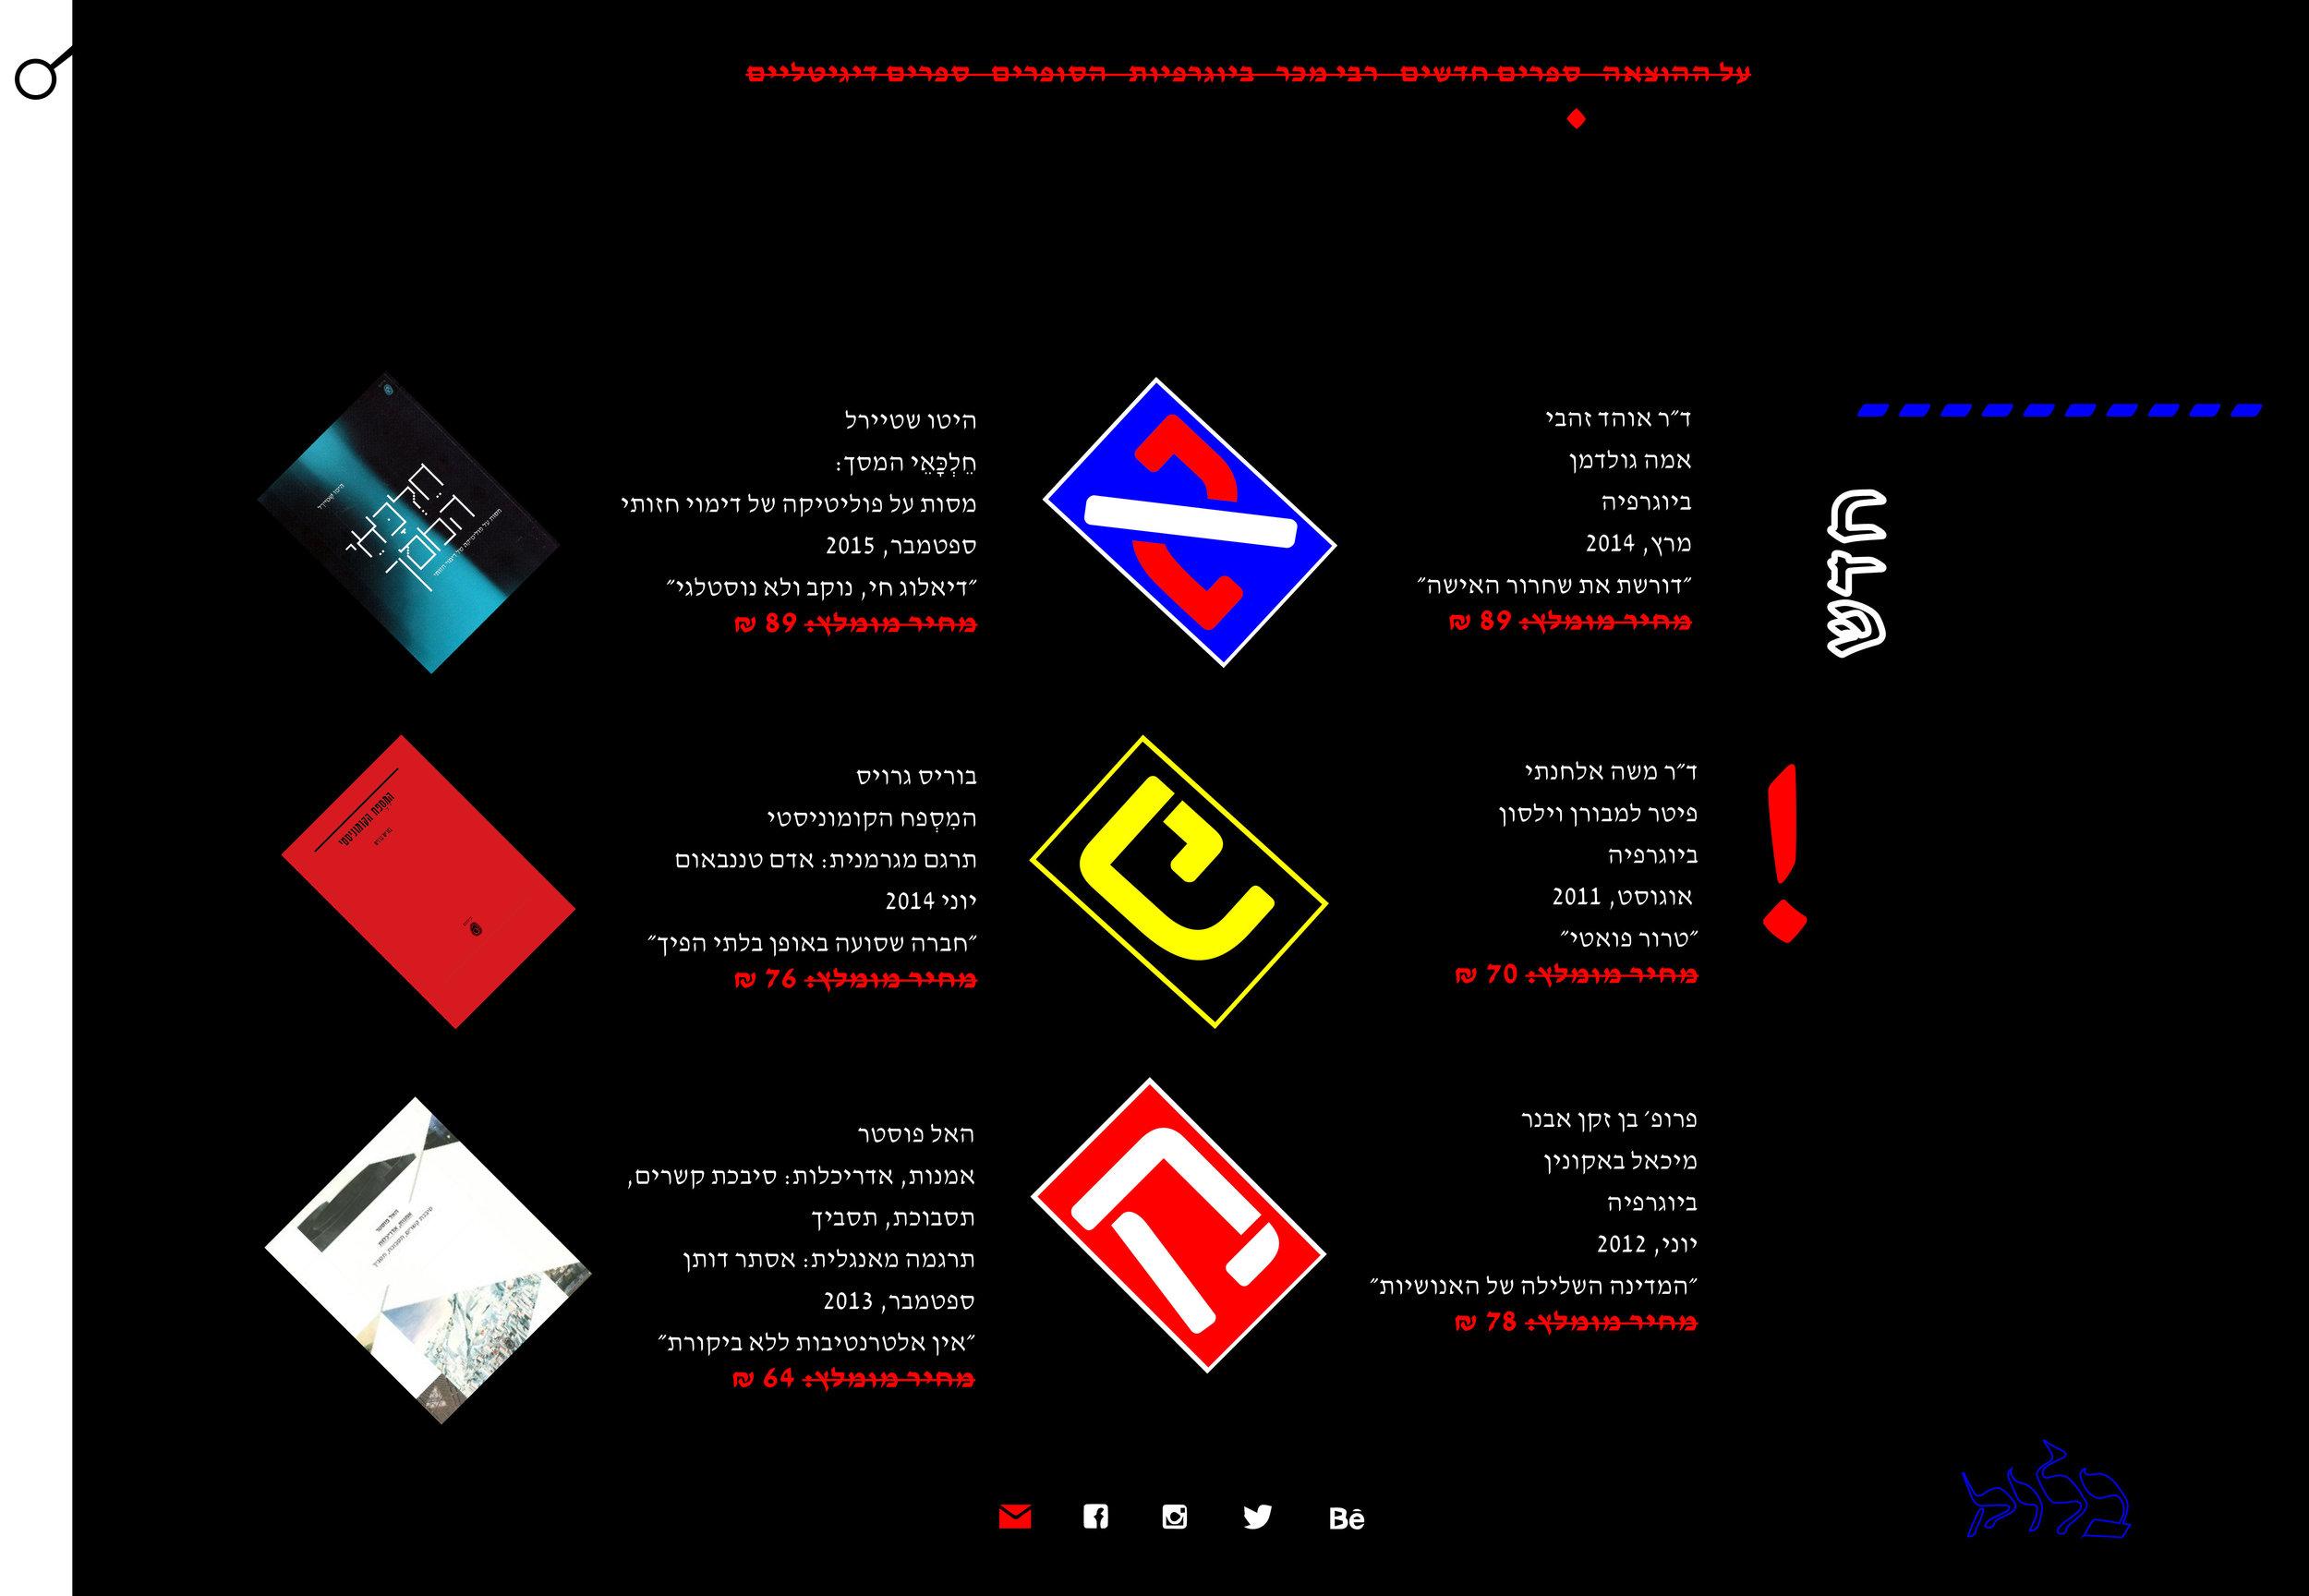 עיצוב אתר הבלוק וגריד -05.jpg